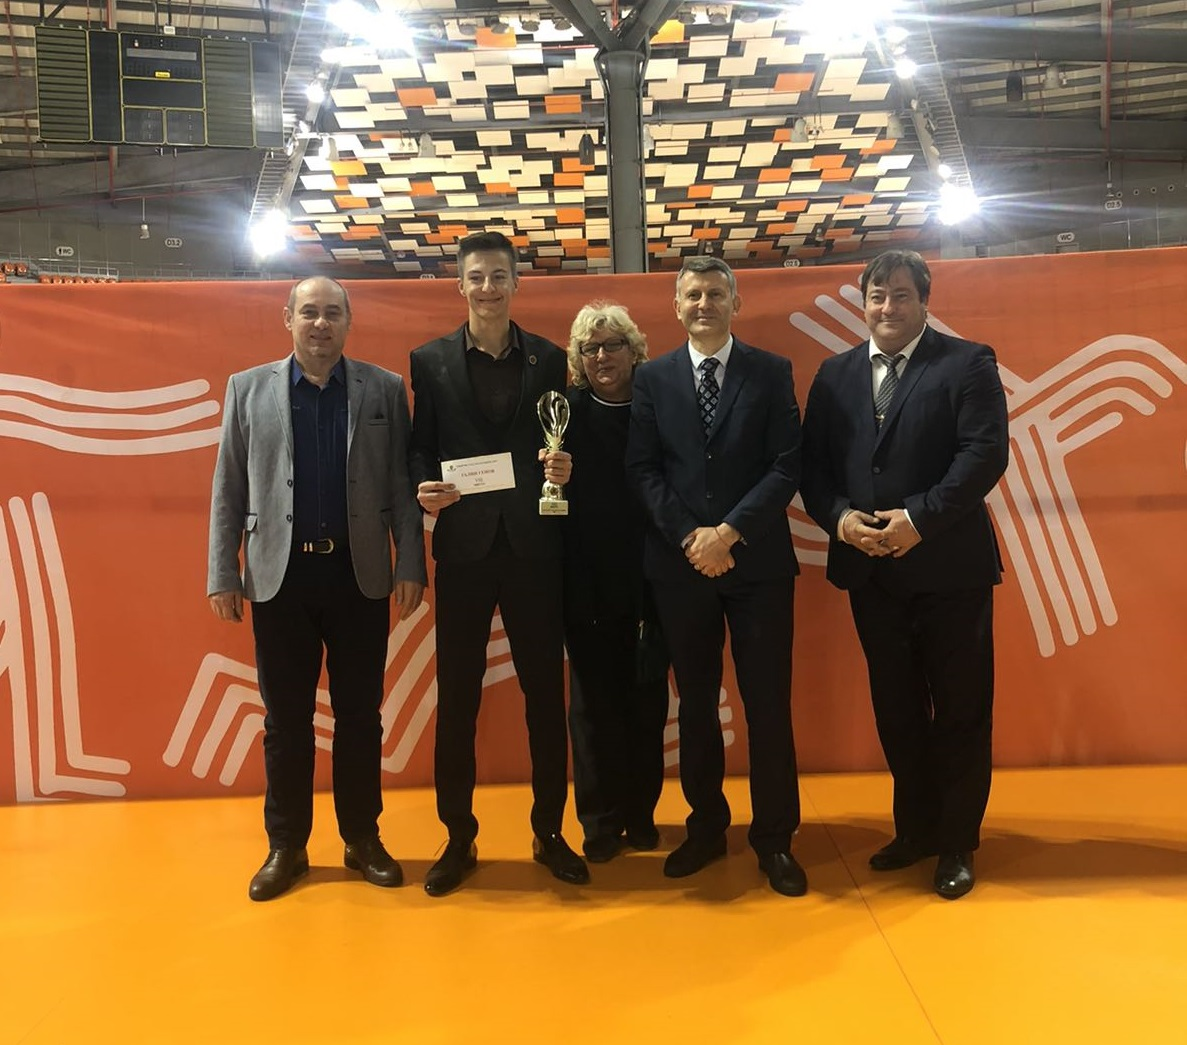 Галин Генов десетте най-добри спортисти на Пловдив 2019